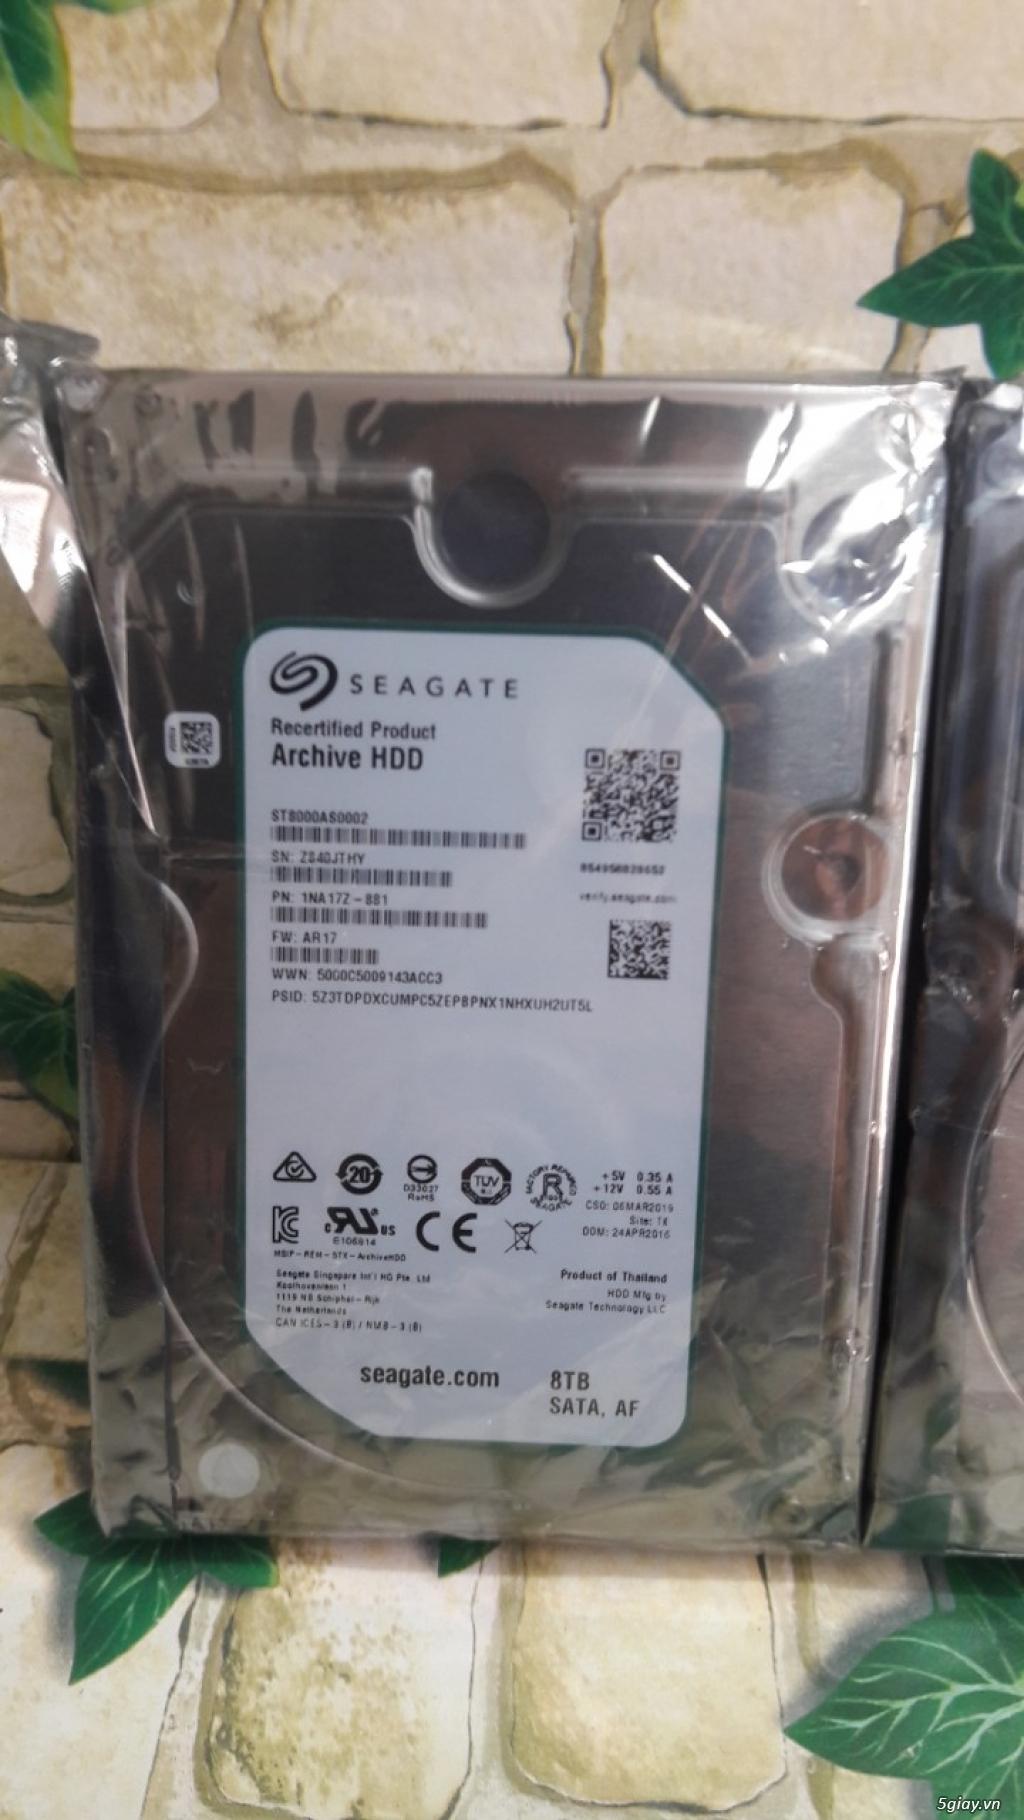 [Entershop] chuyên thẻ nhớ, usb, ổ cứng di động 500gb , 1000gb, 2T, 4T - 26